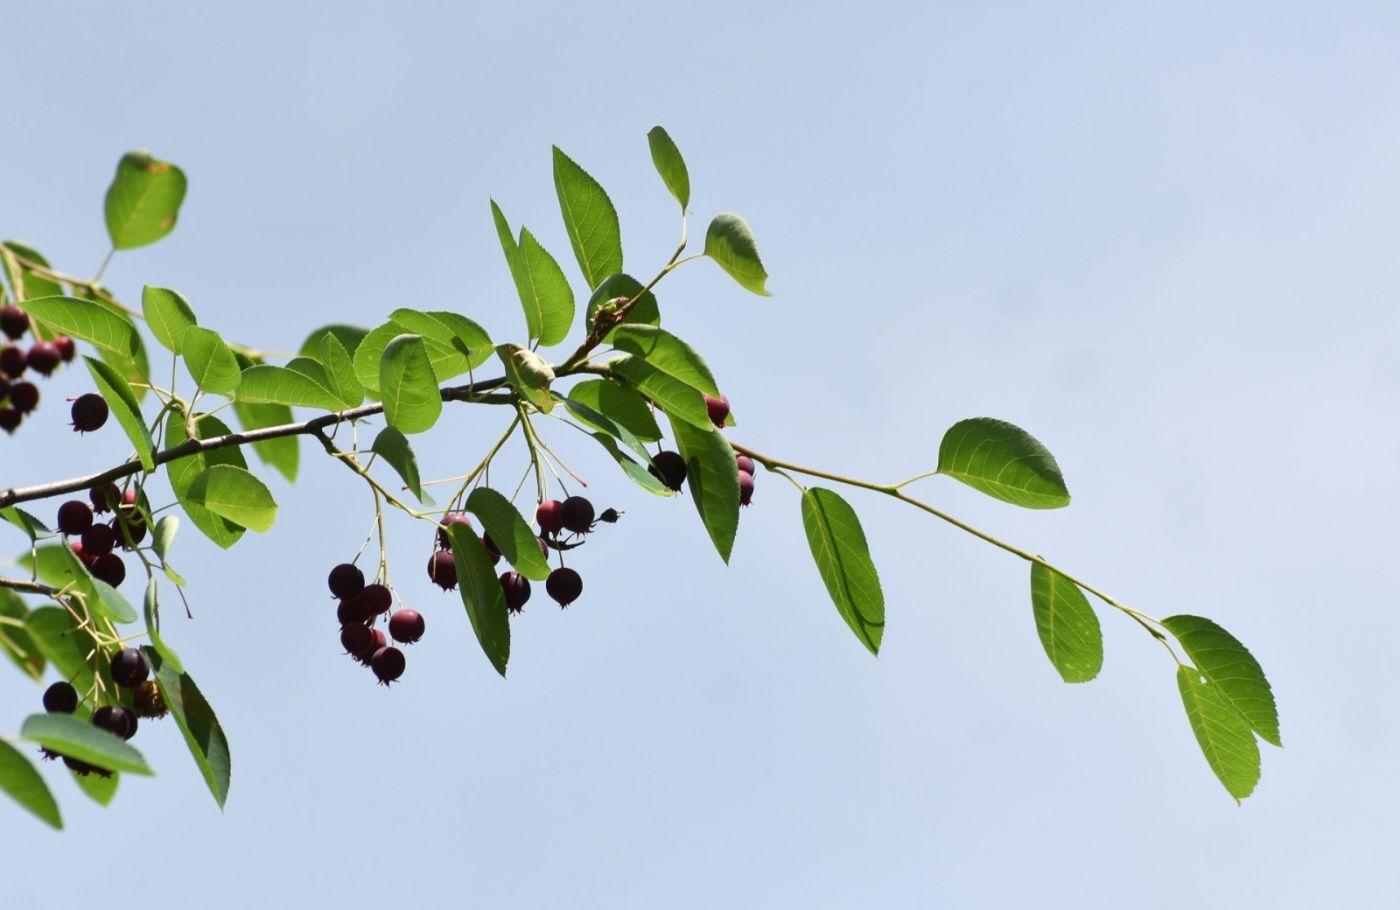 花楸树的果实_图1-22